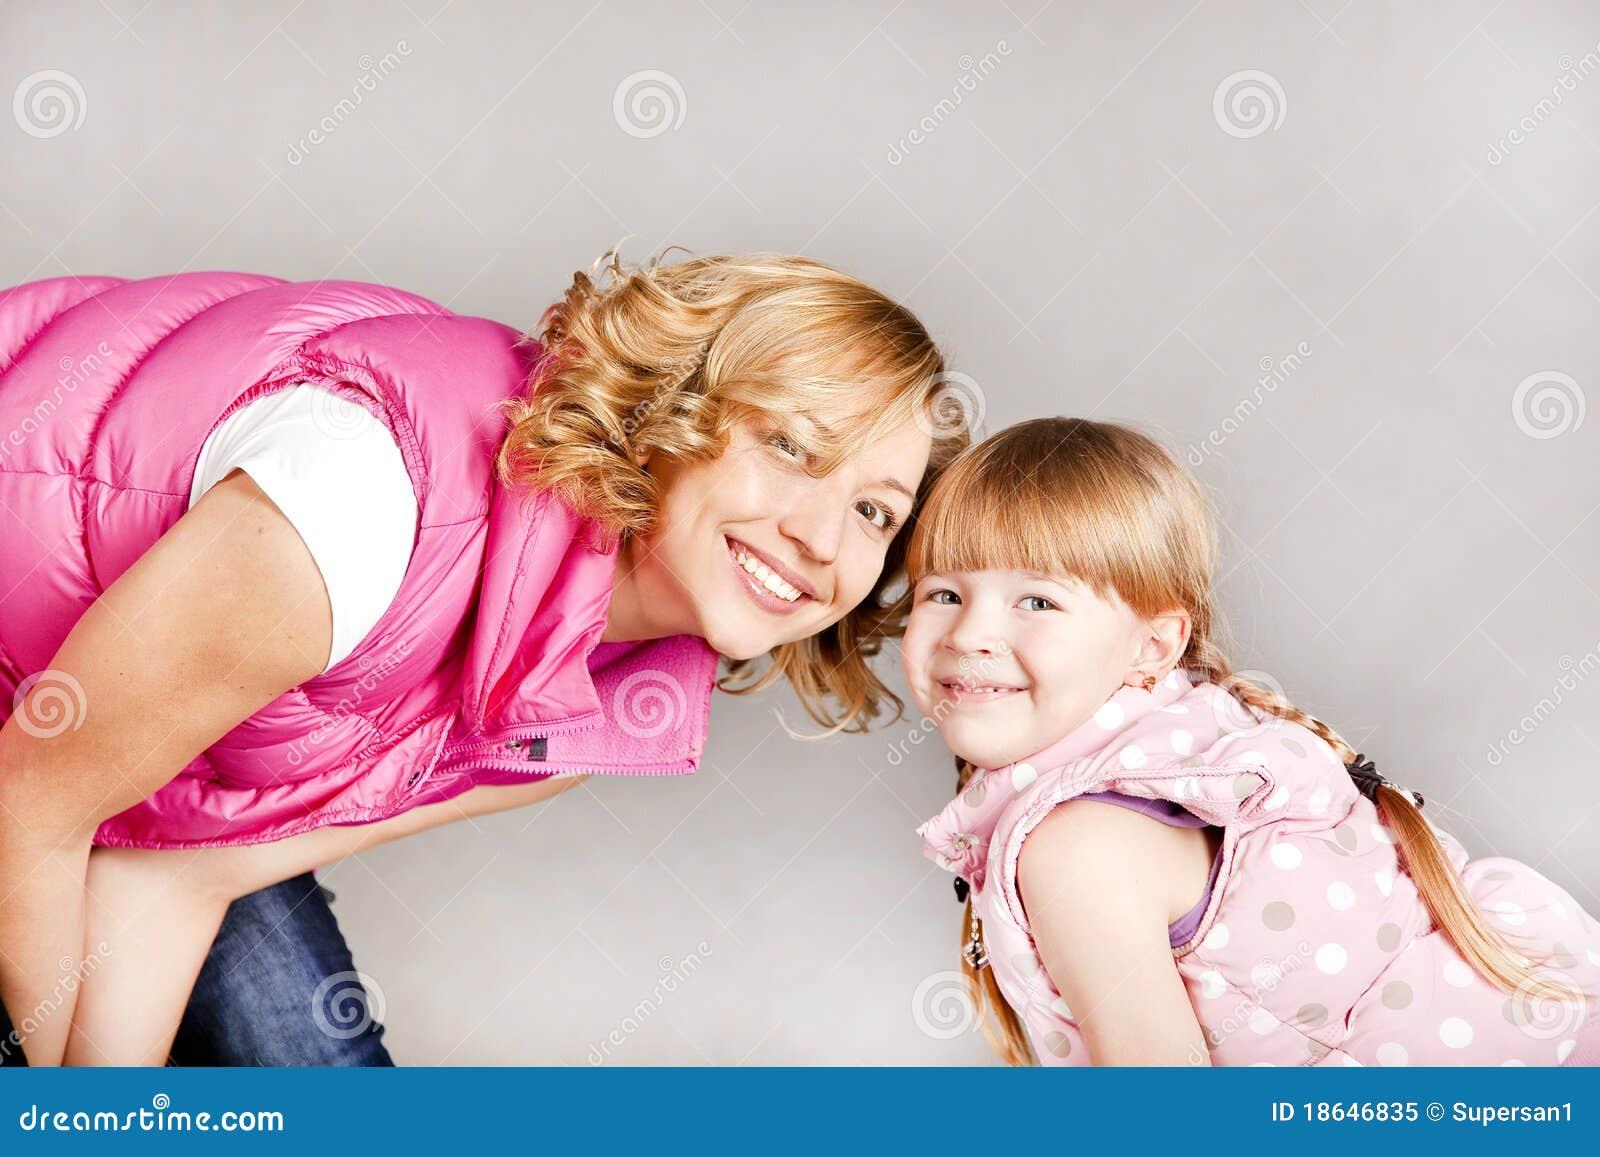 Portrait von zwei jungen schönen mädchen die zusammen in einer